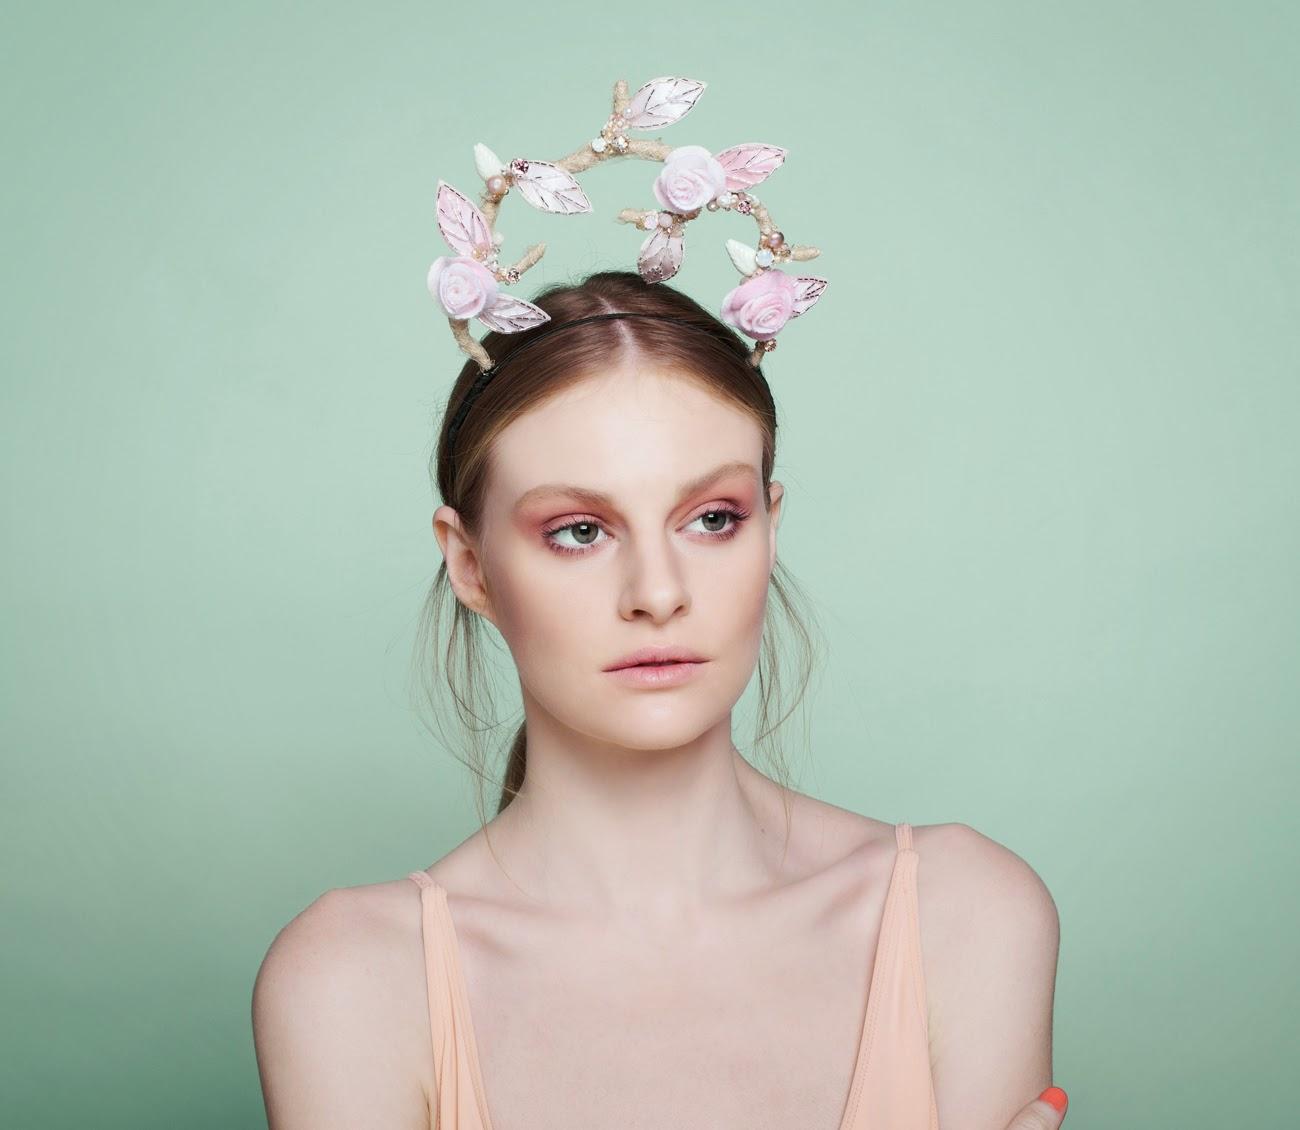 Maravillosos tocados y sombreros de novia | Colección Tami Bar-Lev